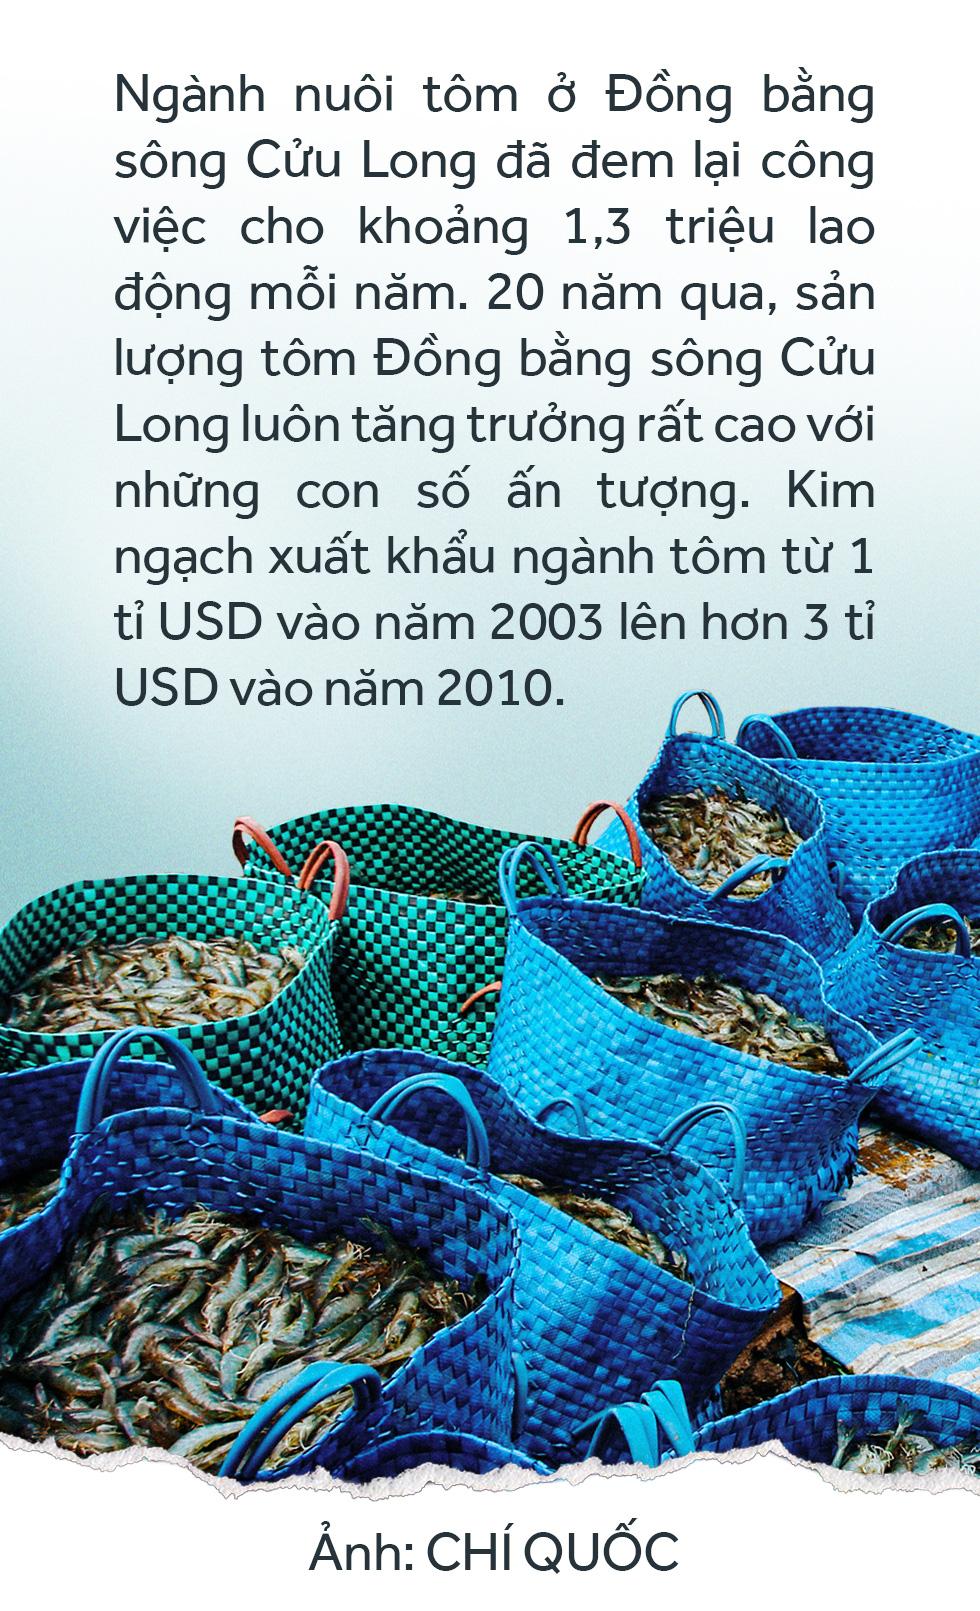 Đồng bằng sông Cửu Long: 35 năm thay da đổi thịt - Ảnh 18.